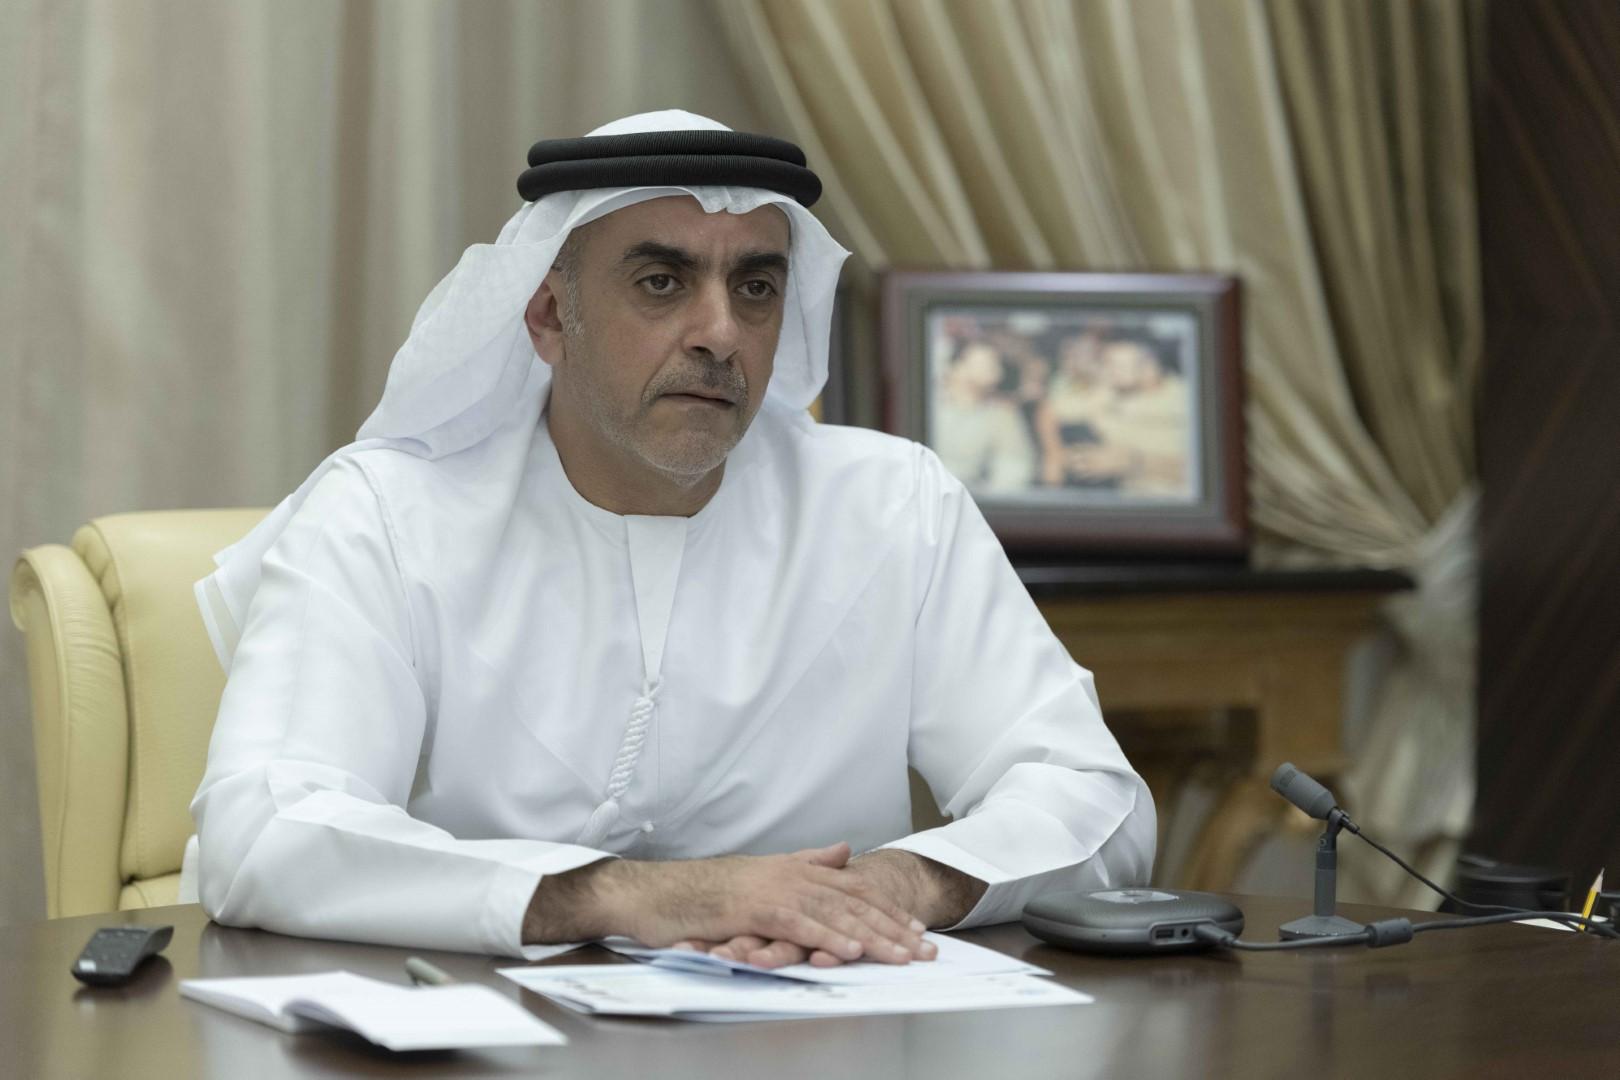 شهد انضمام إسرائيل لعضويته .. الإمارات تستضيف اجتماعاً افتراضياً لوزراء داخلية التحالف الأمني الدولي